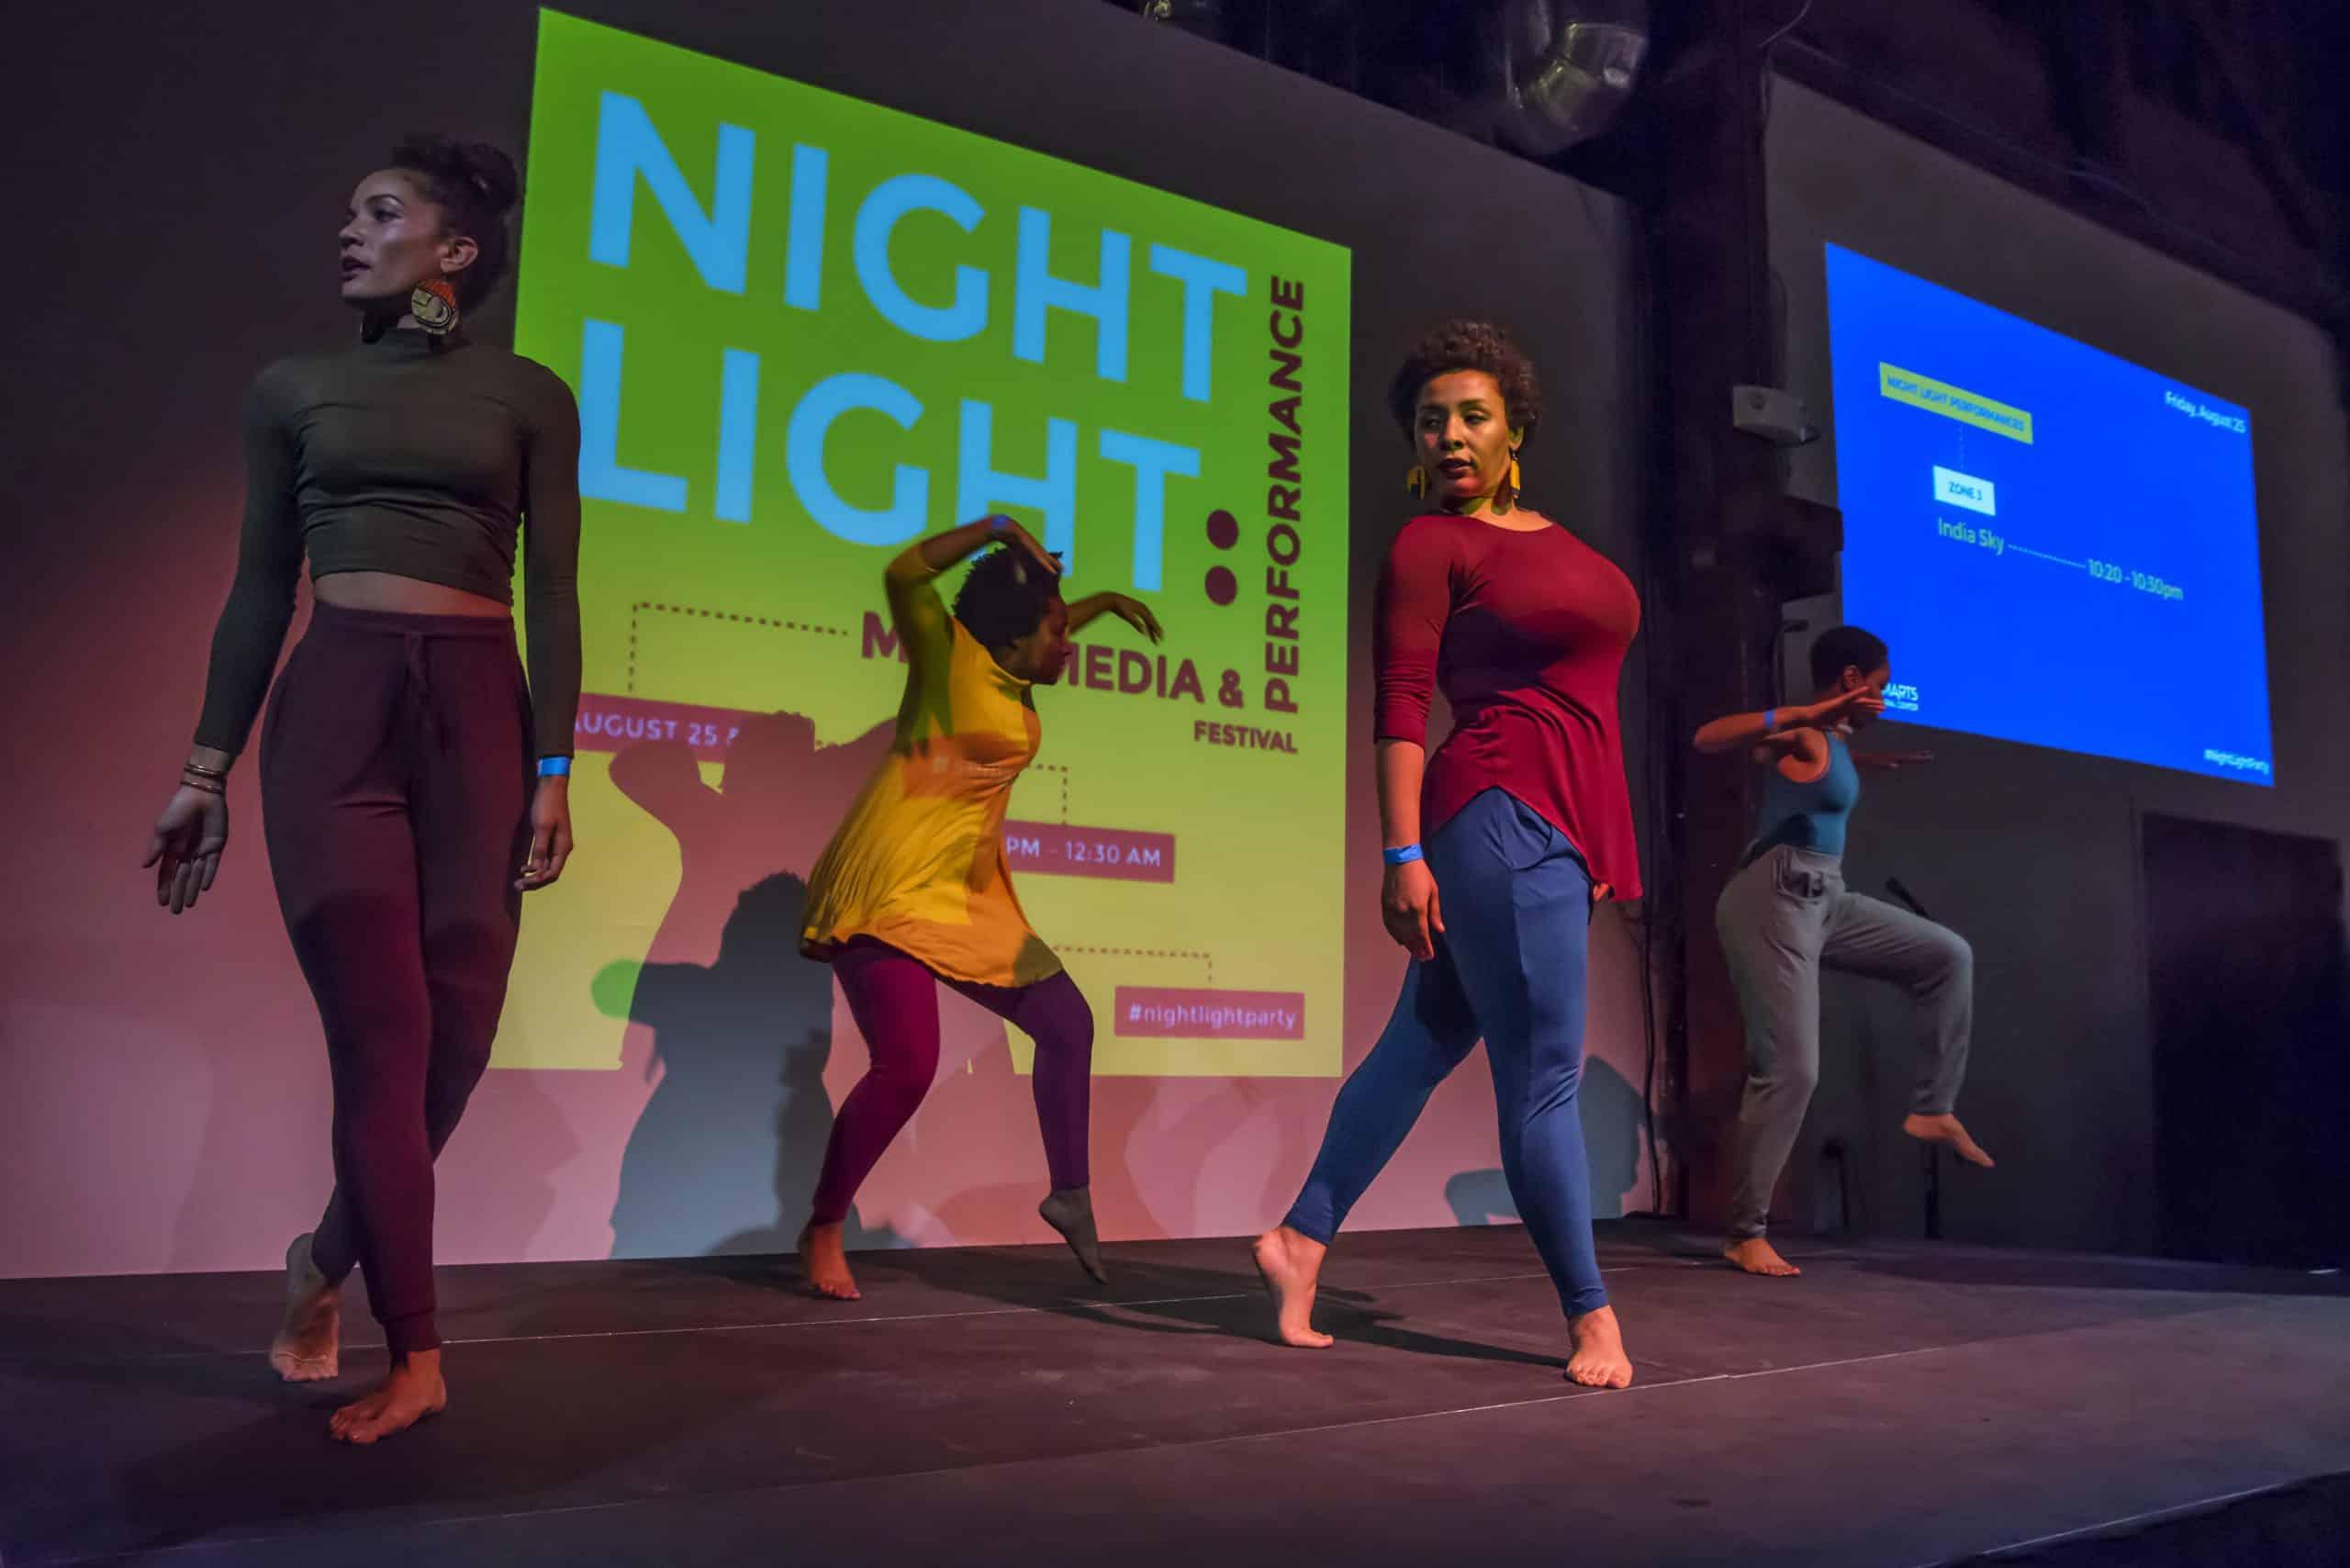 Night Light 2017